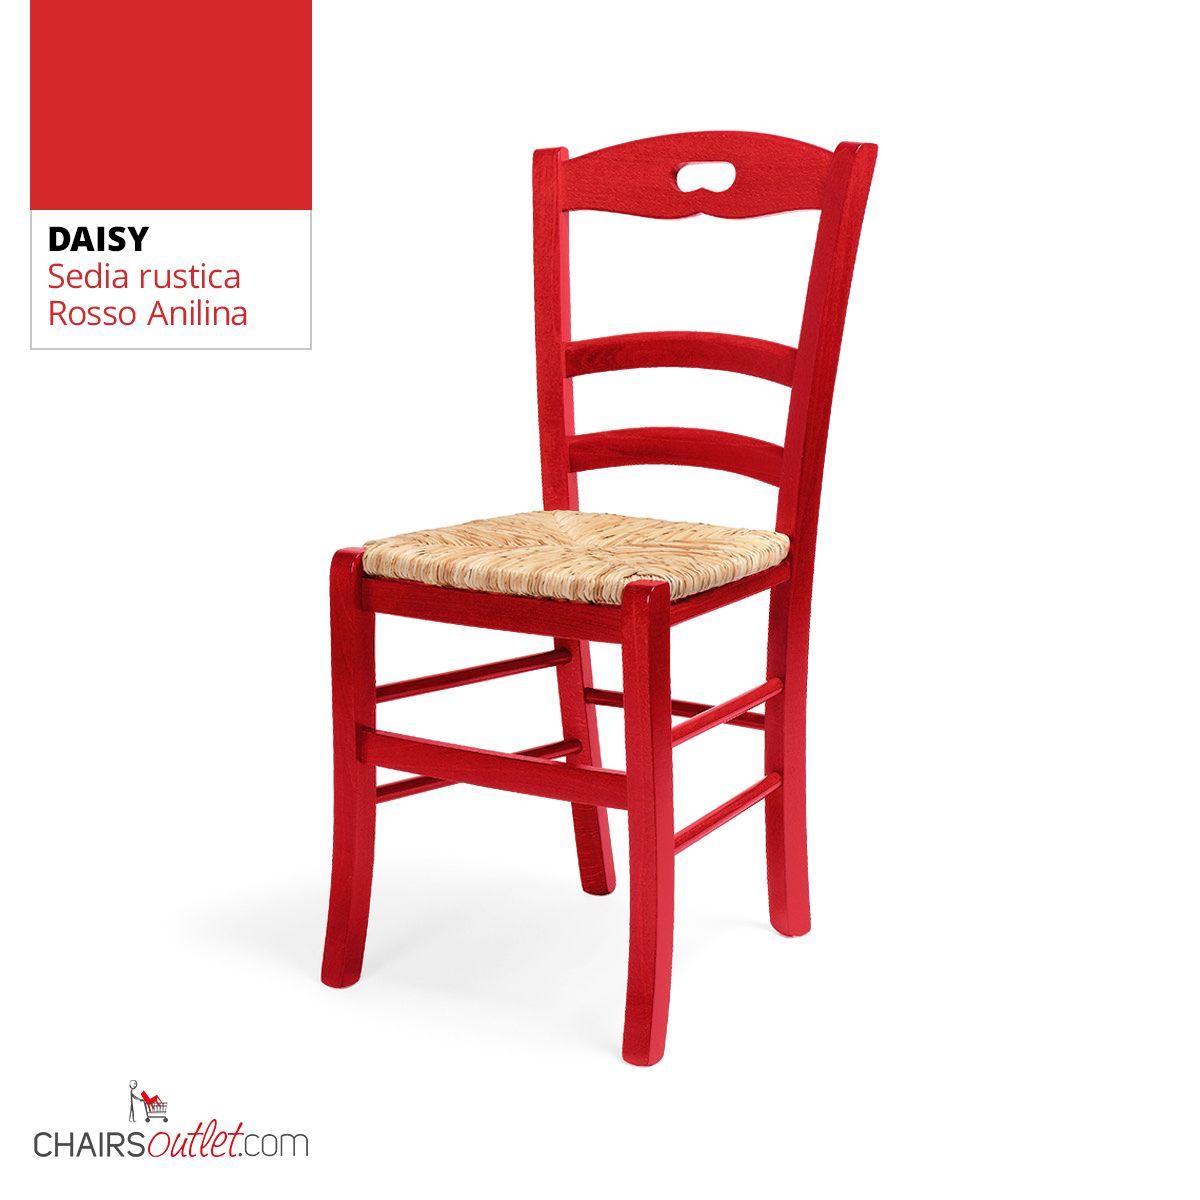 26 90 daisy sedia in legno stile rustico in offerta for Sedie rosse cucina